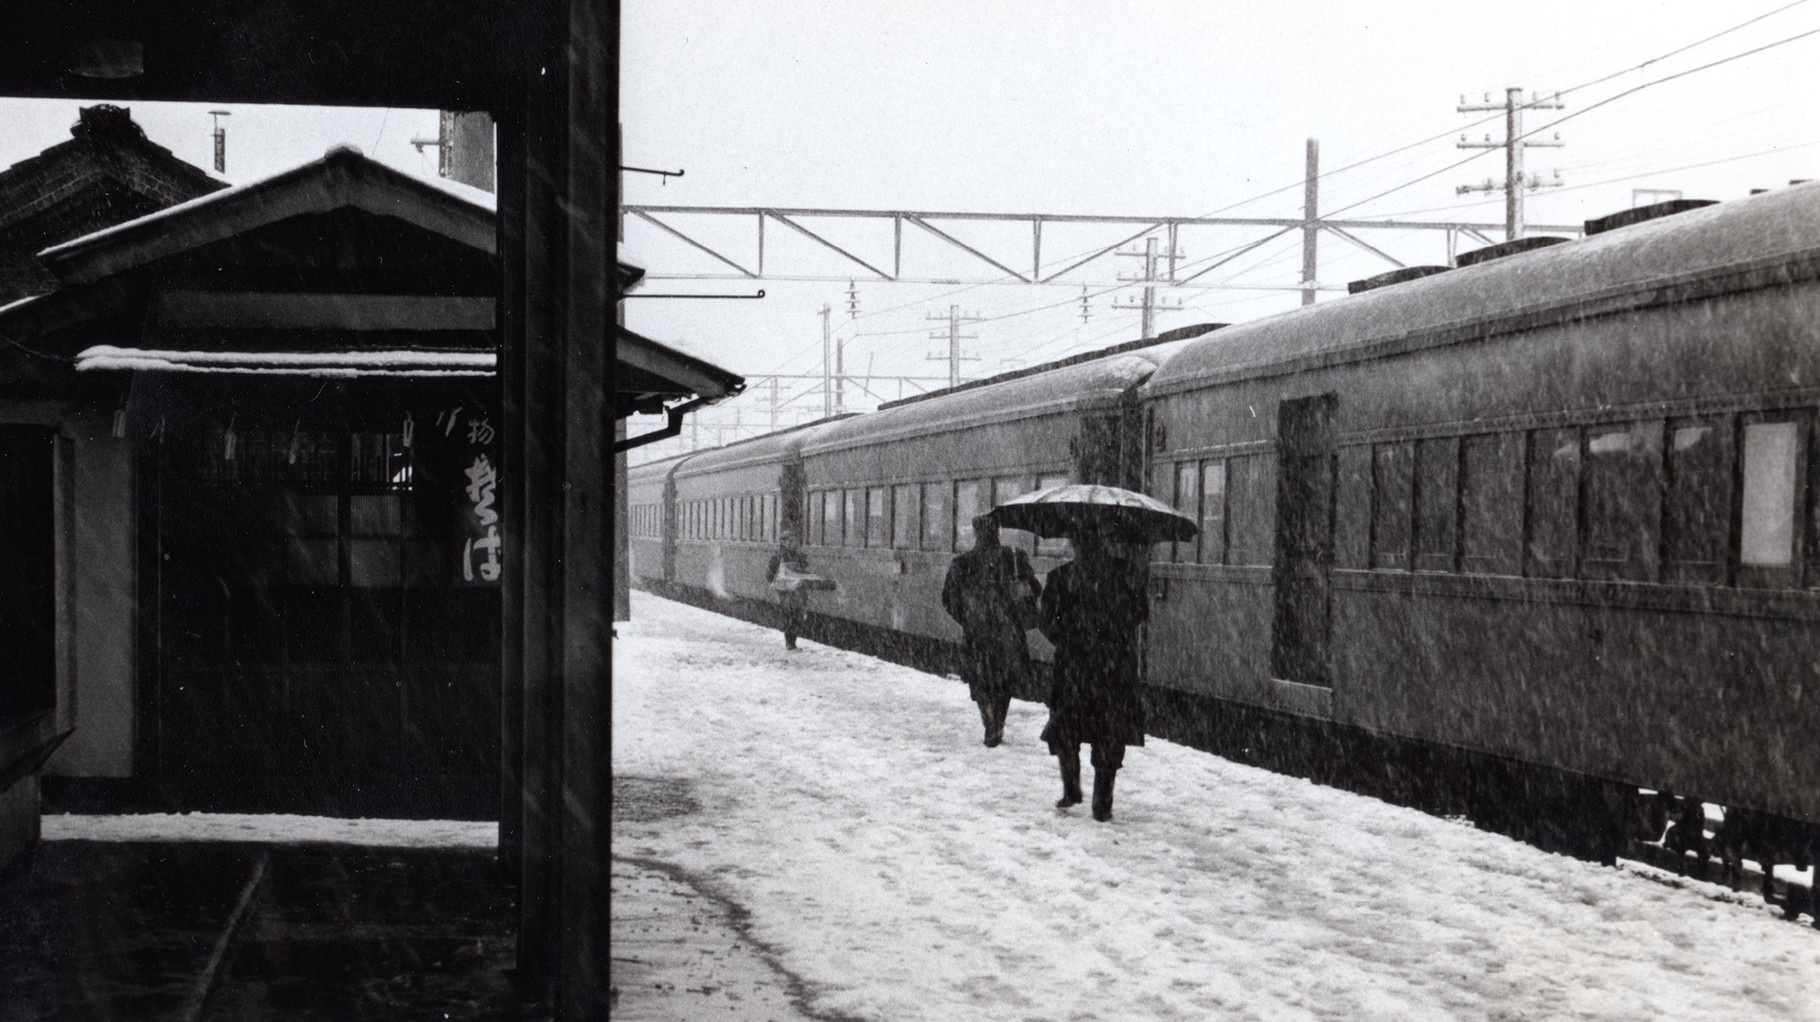 昭和37年当時の今庄駅。左側は、今庄そば(豊岡商店)の店舗